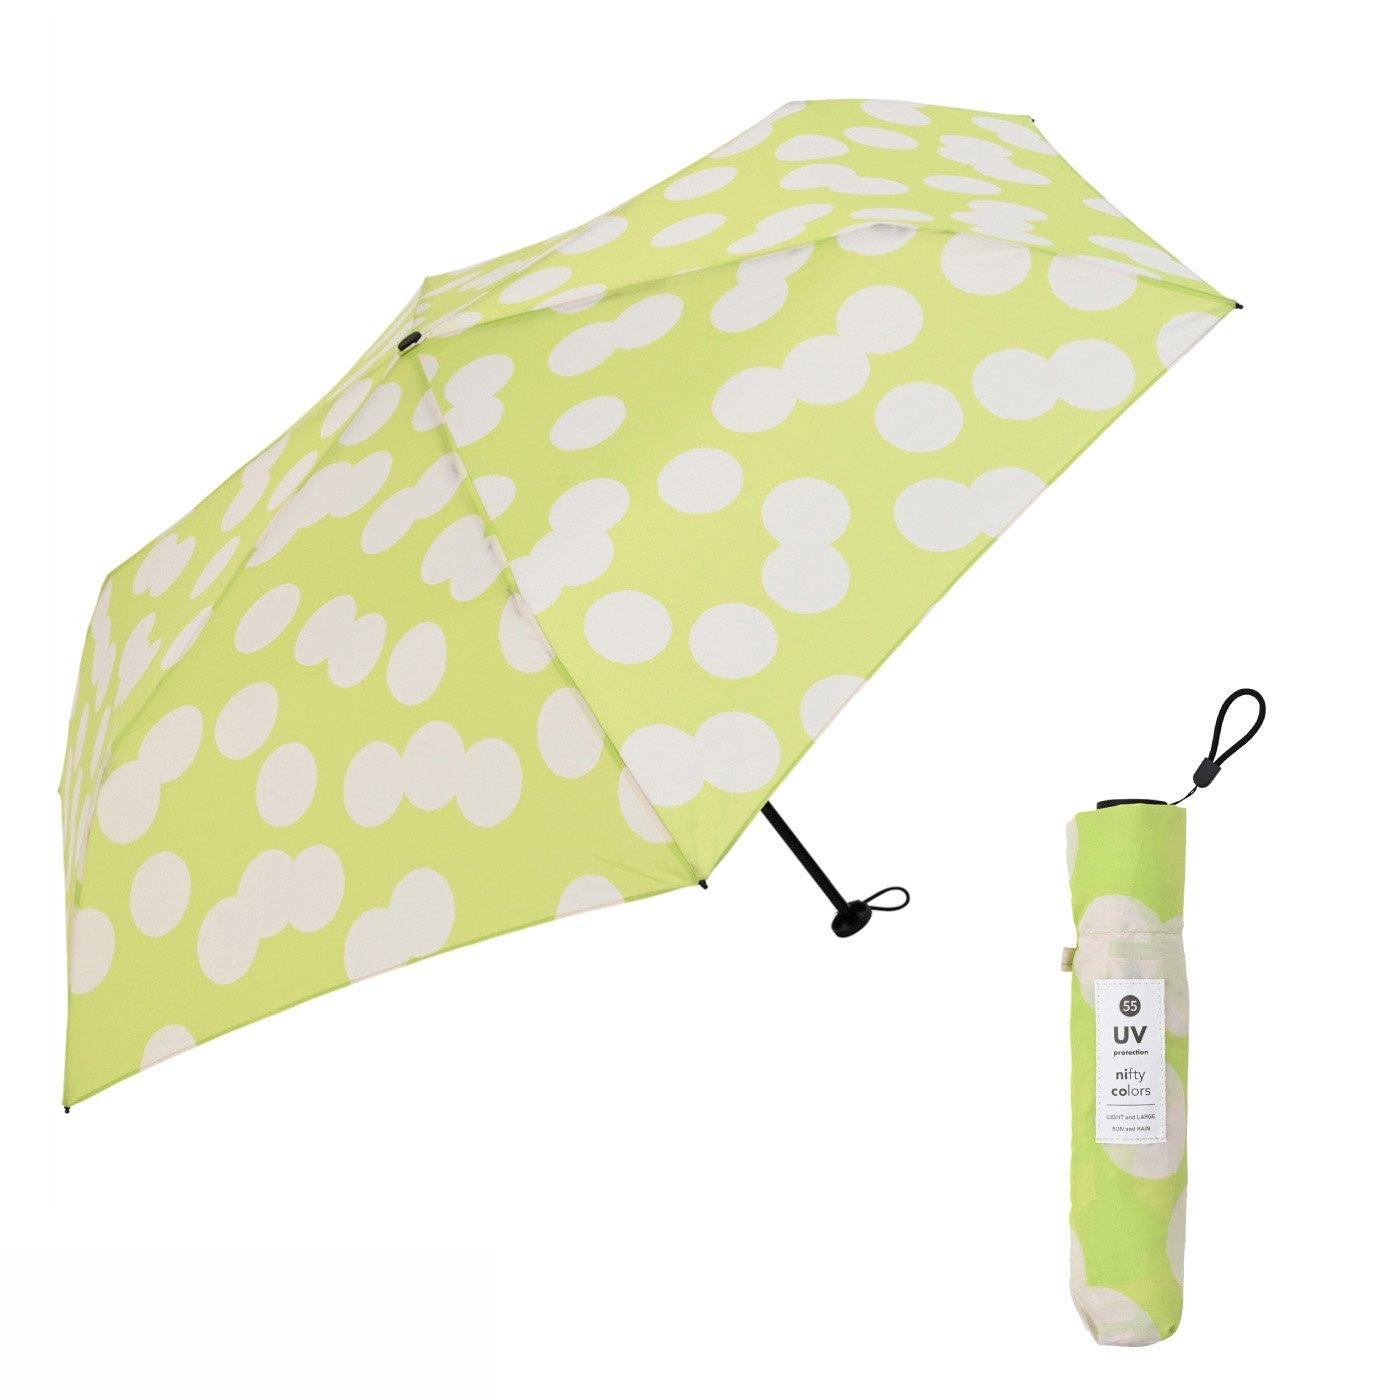 たたんでコンパクト!ちょっと大きめ55cm ランダムドットがおしゃれな晴雨兼用傘